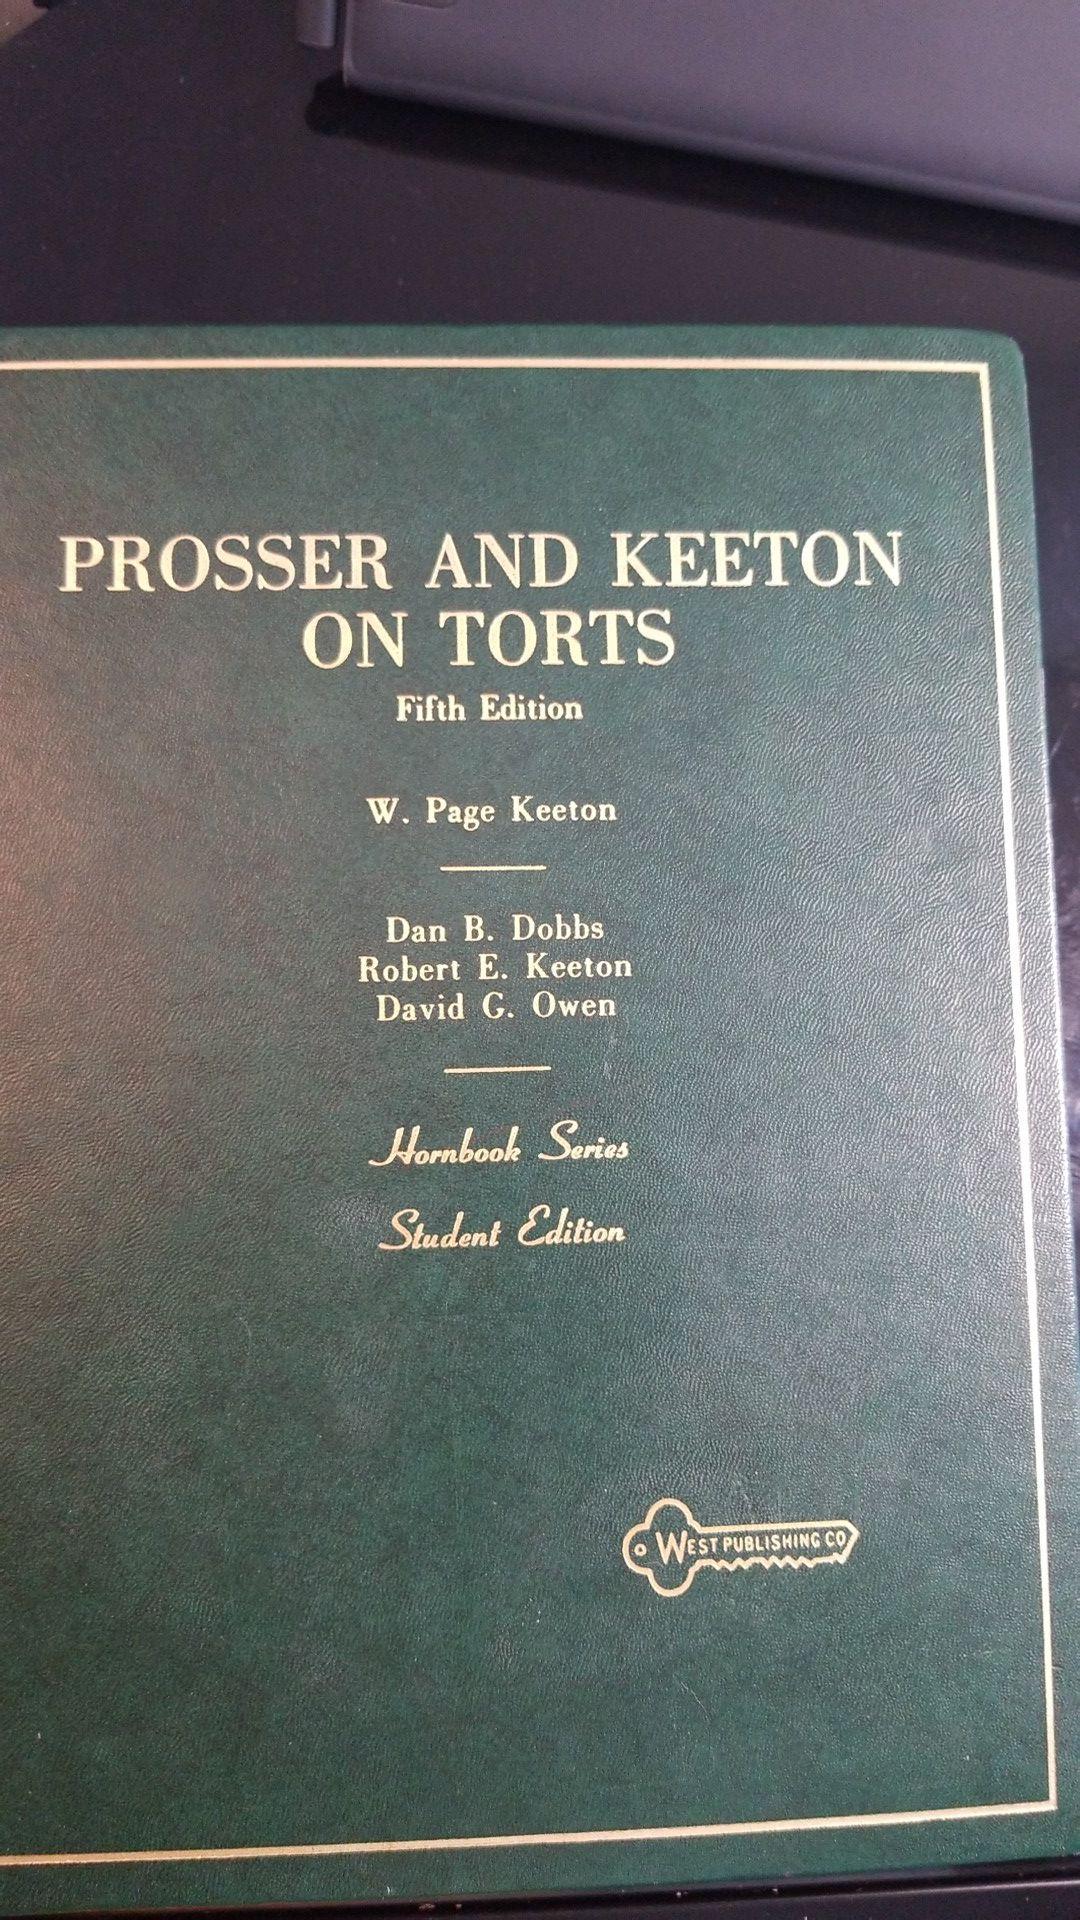 Torts hornbook